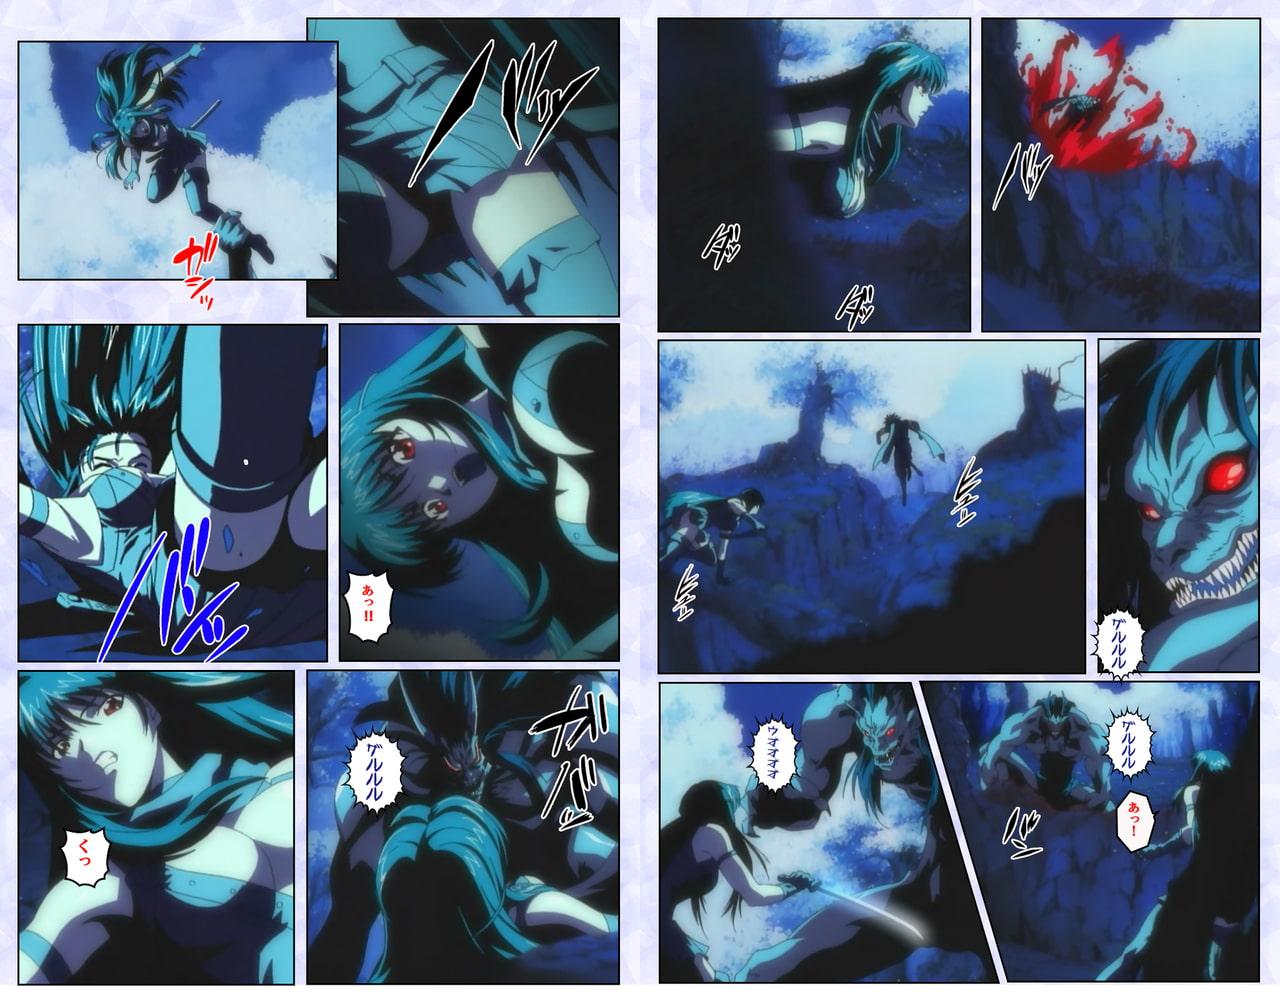 紅蓮 第一幕 鬼 Complete版【フルカラー成人版】